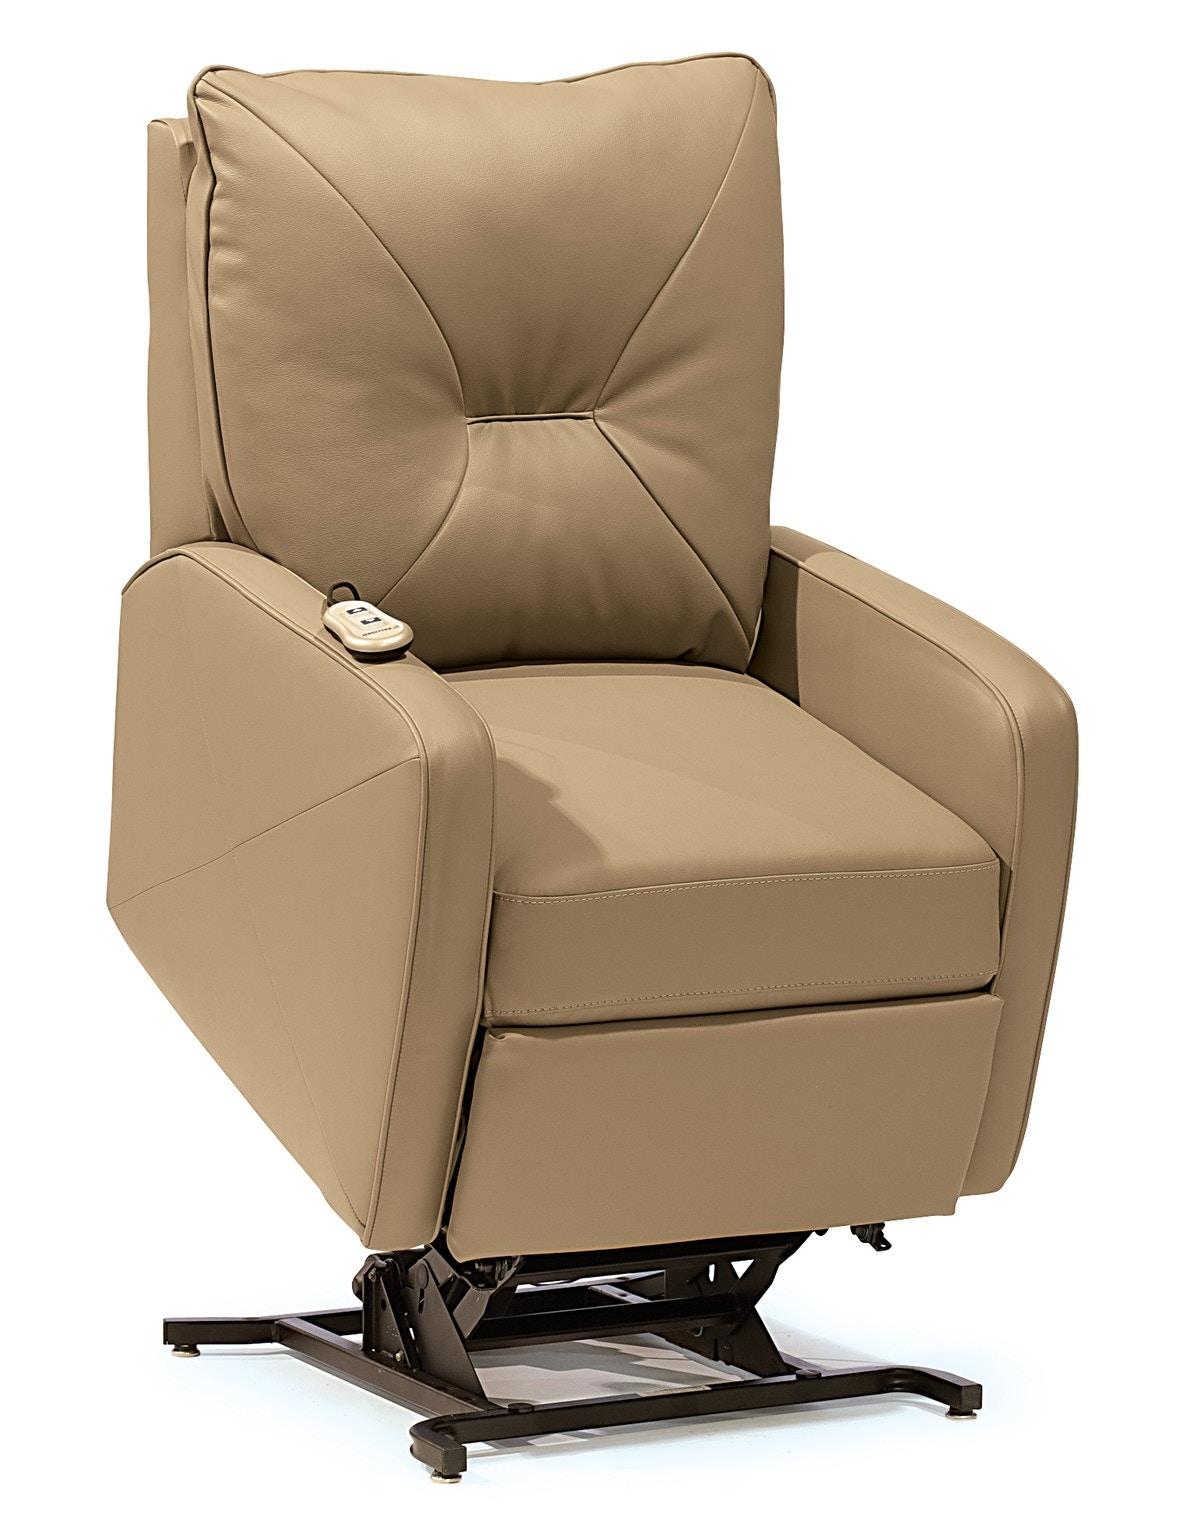 Palliser Furniture Power Lift Chair 42002 36